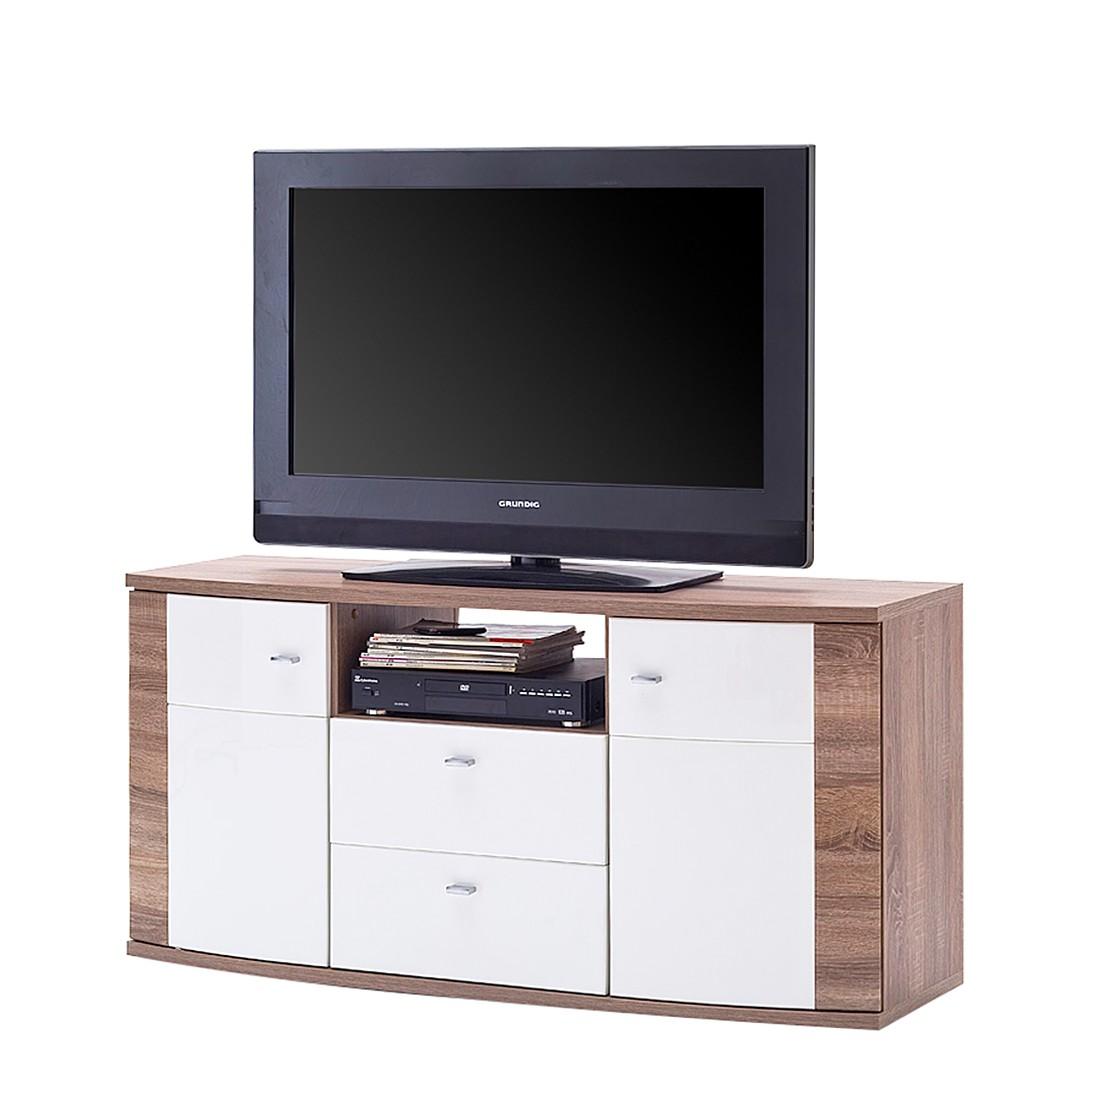 tv schrank design finest large size of tv schrank weis hochglanz gunstig nauhuri tv schrank wei. Black Bedroom Furniture Sets. Home Design Ideas